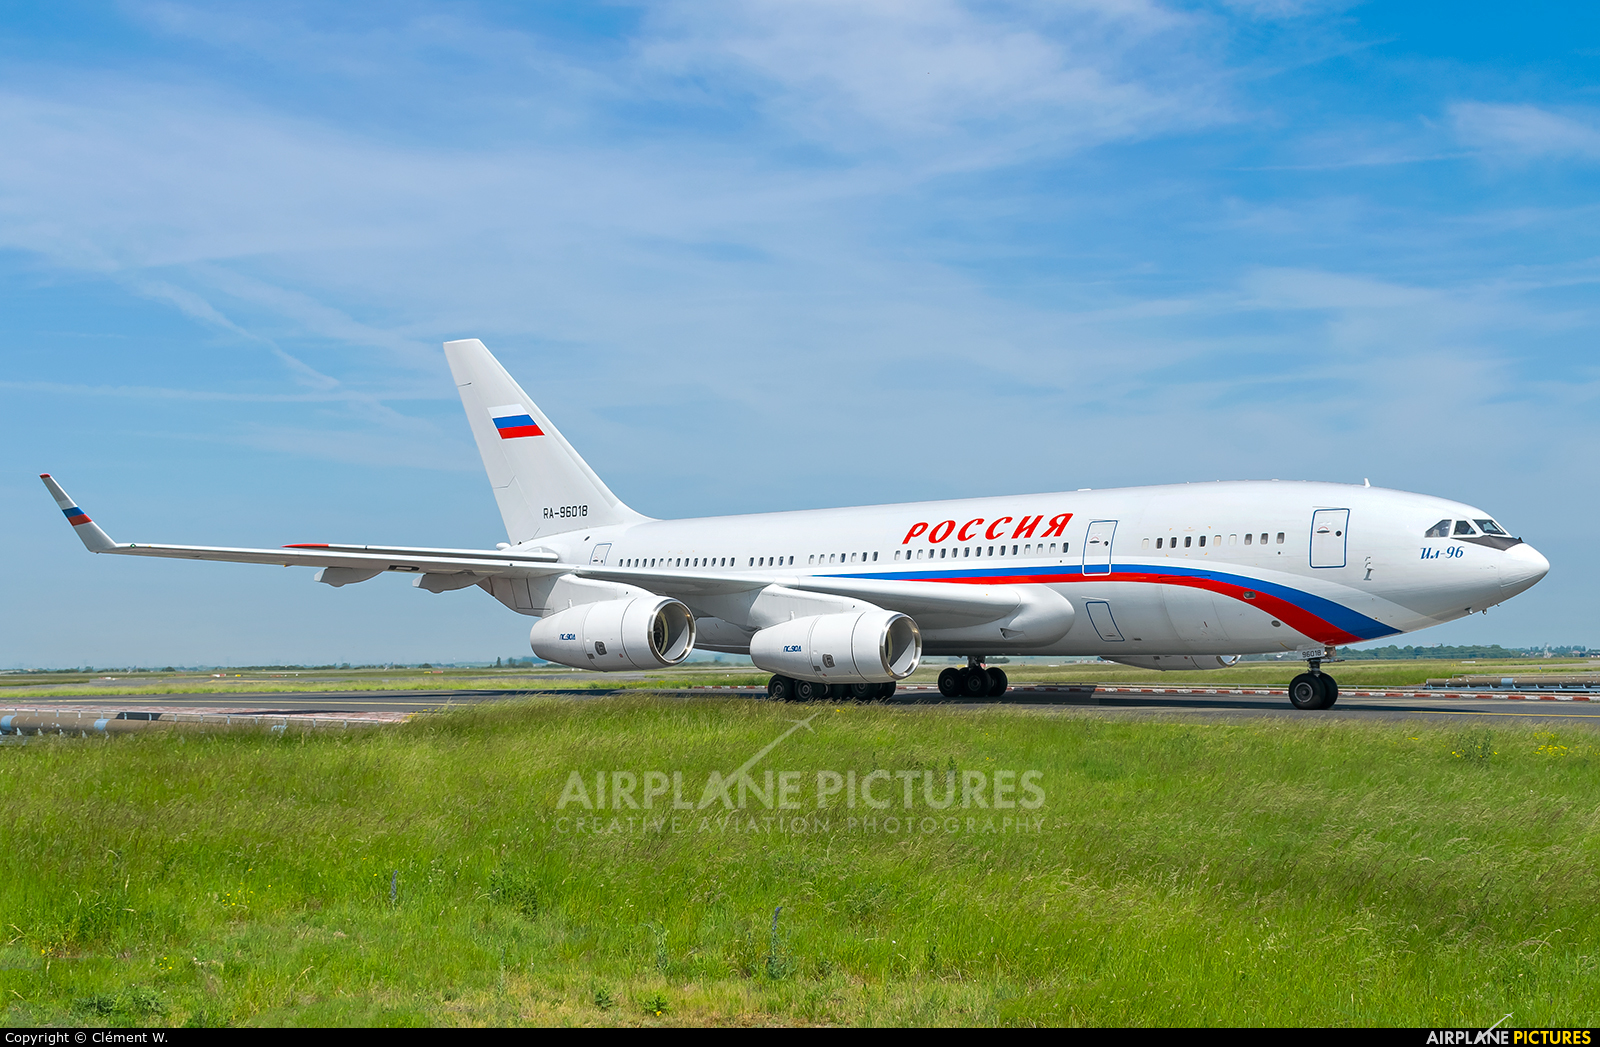 Rossiya RA-96018 aircraft at Paris - Charles de Gaulle